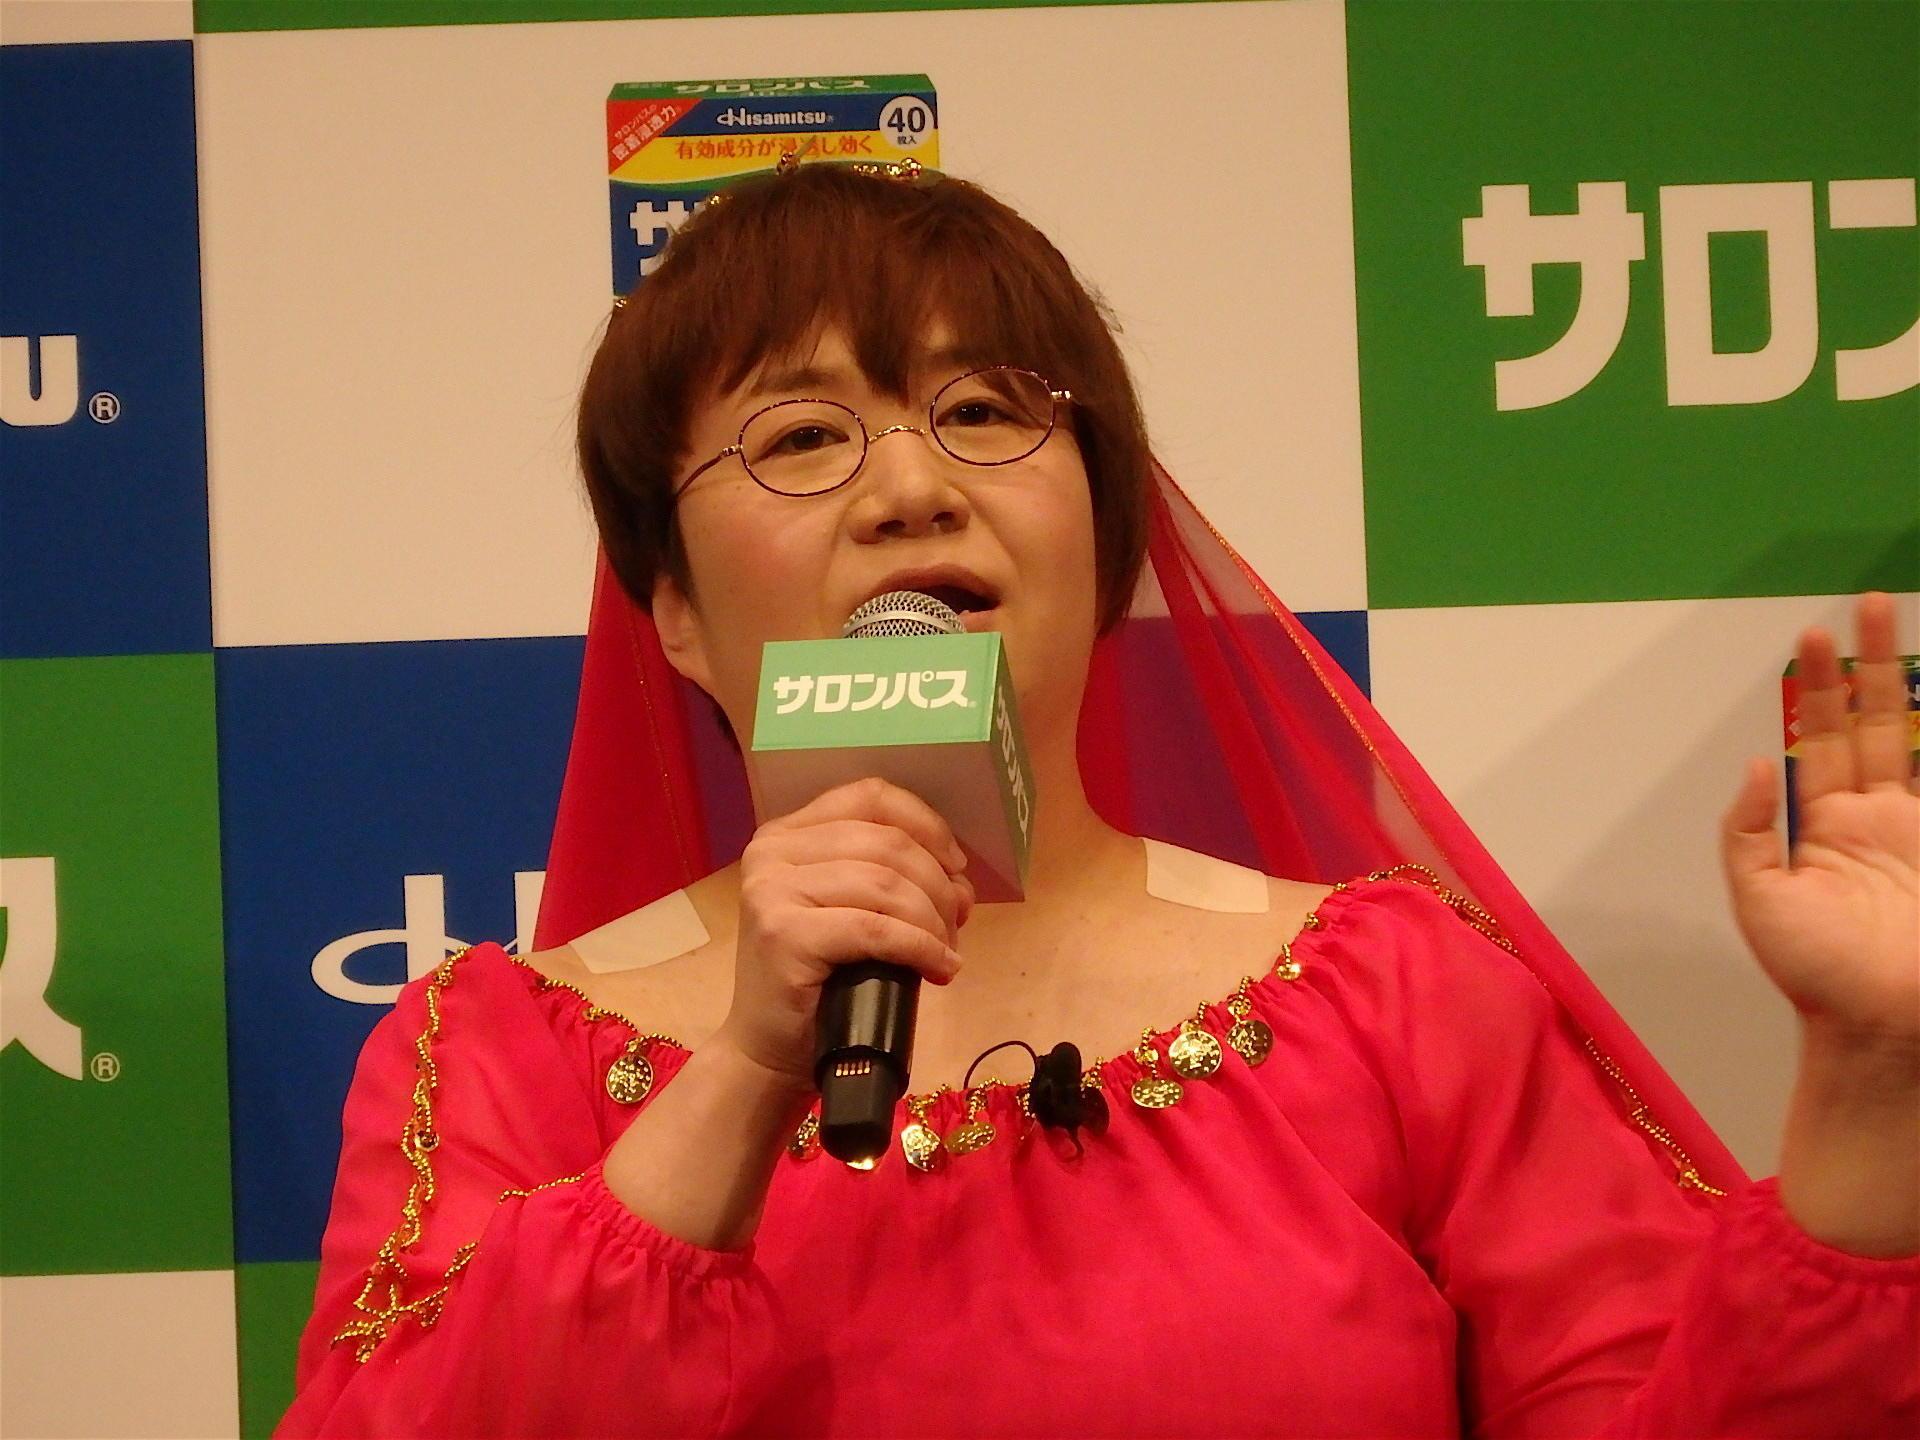 http://news.yoshimoto.co.jp/20160428205740-983c10bb01ccc822816b149064eec6b12577bbf5.jpg